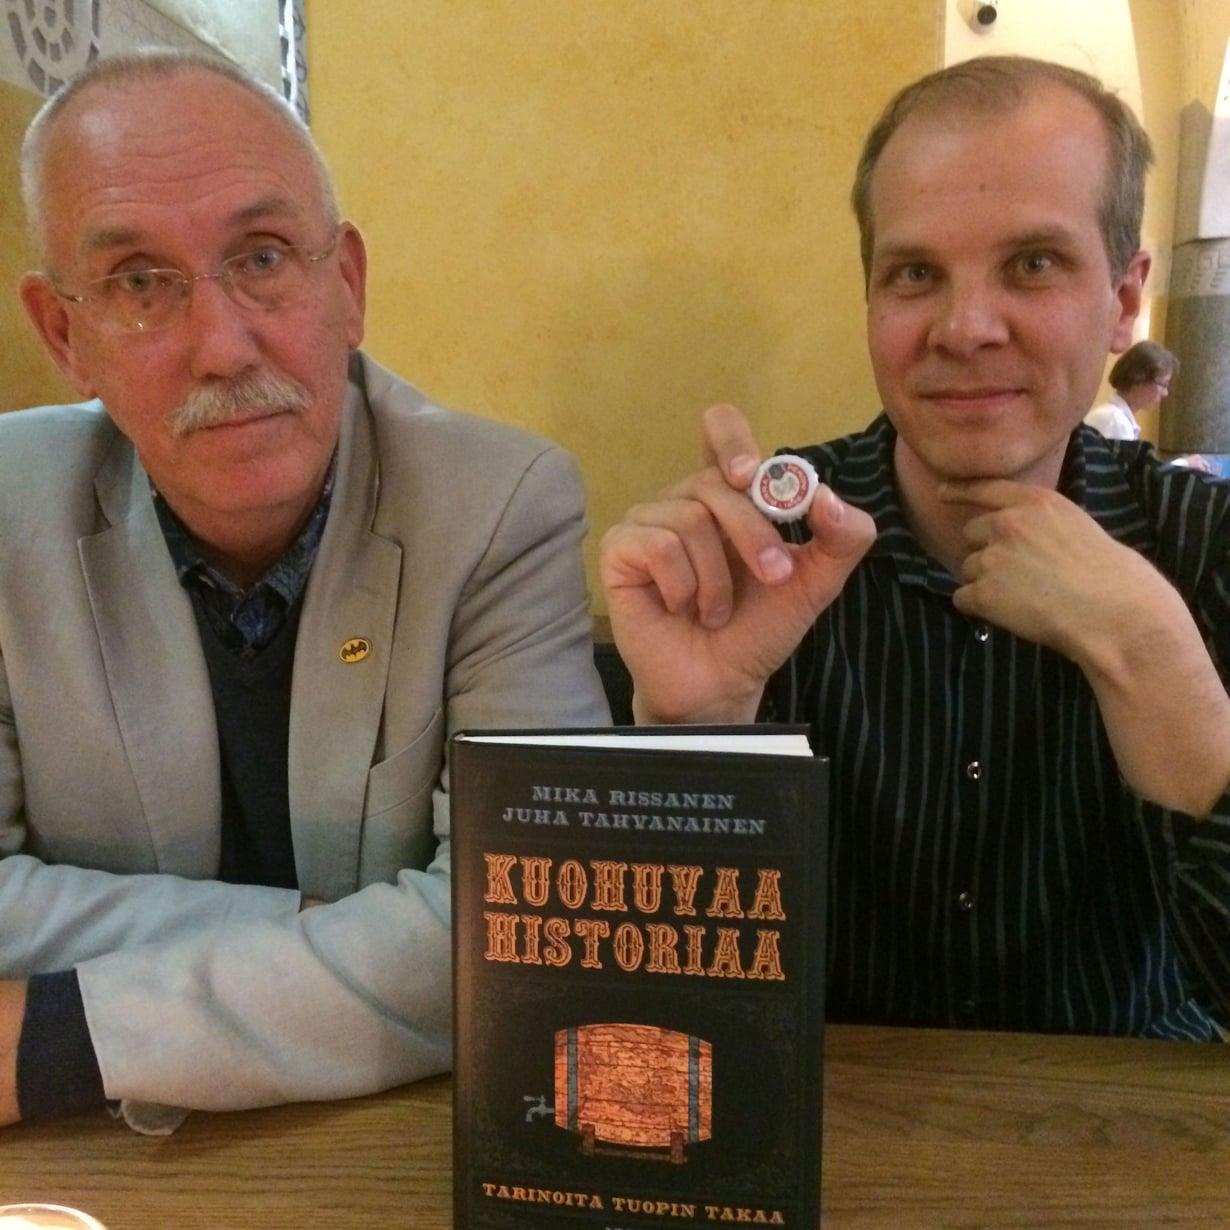 Juha Tahvanainen (vas.) ja Mika Rissanen kirjoittivat oluen asemasta Euroopan historiassa. Rissasella kulkee laukussa mukana amulettina toimiva italialaisoluen pullonkorkki. Kuva: Teemu Leminen.